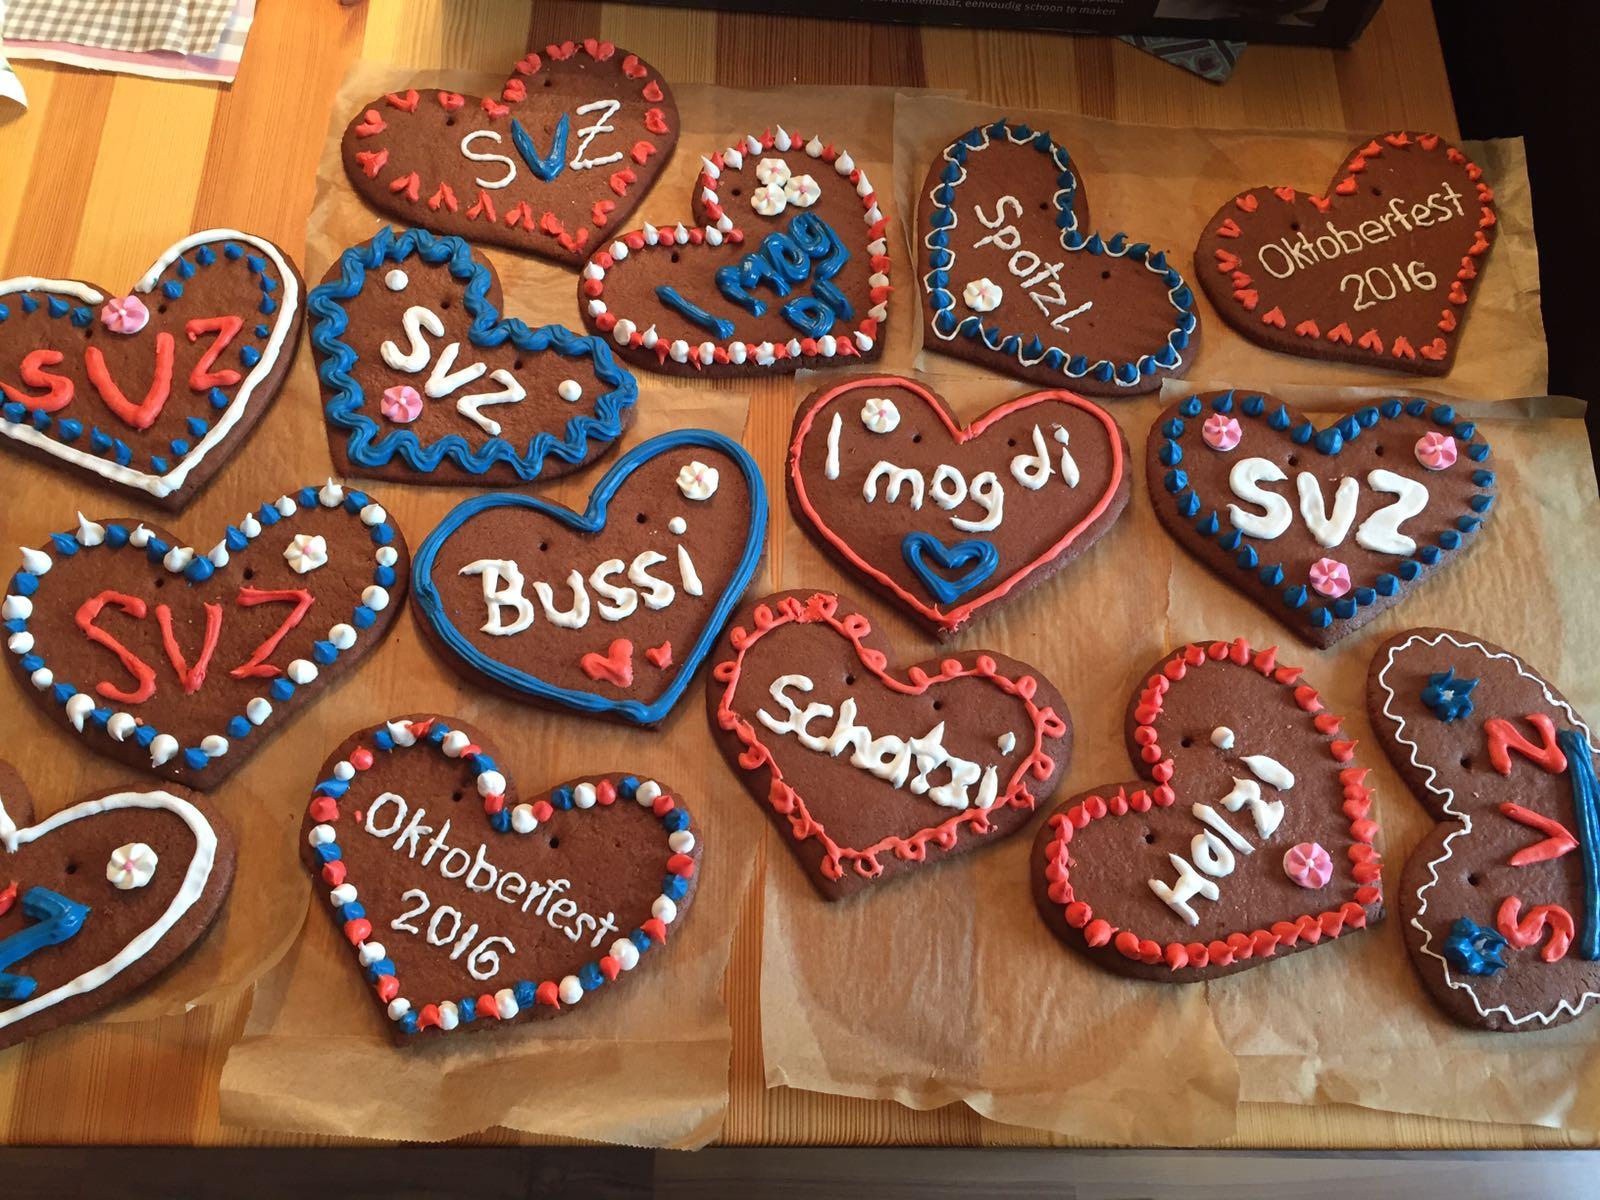 Zum Oktoberfest 2016 gab es bei der SpVgg Ziegetsdorf ganz besondere Leckereien, hergestellt durch unsere Damen- und Mädchenmannschaften